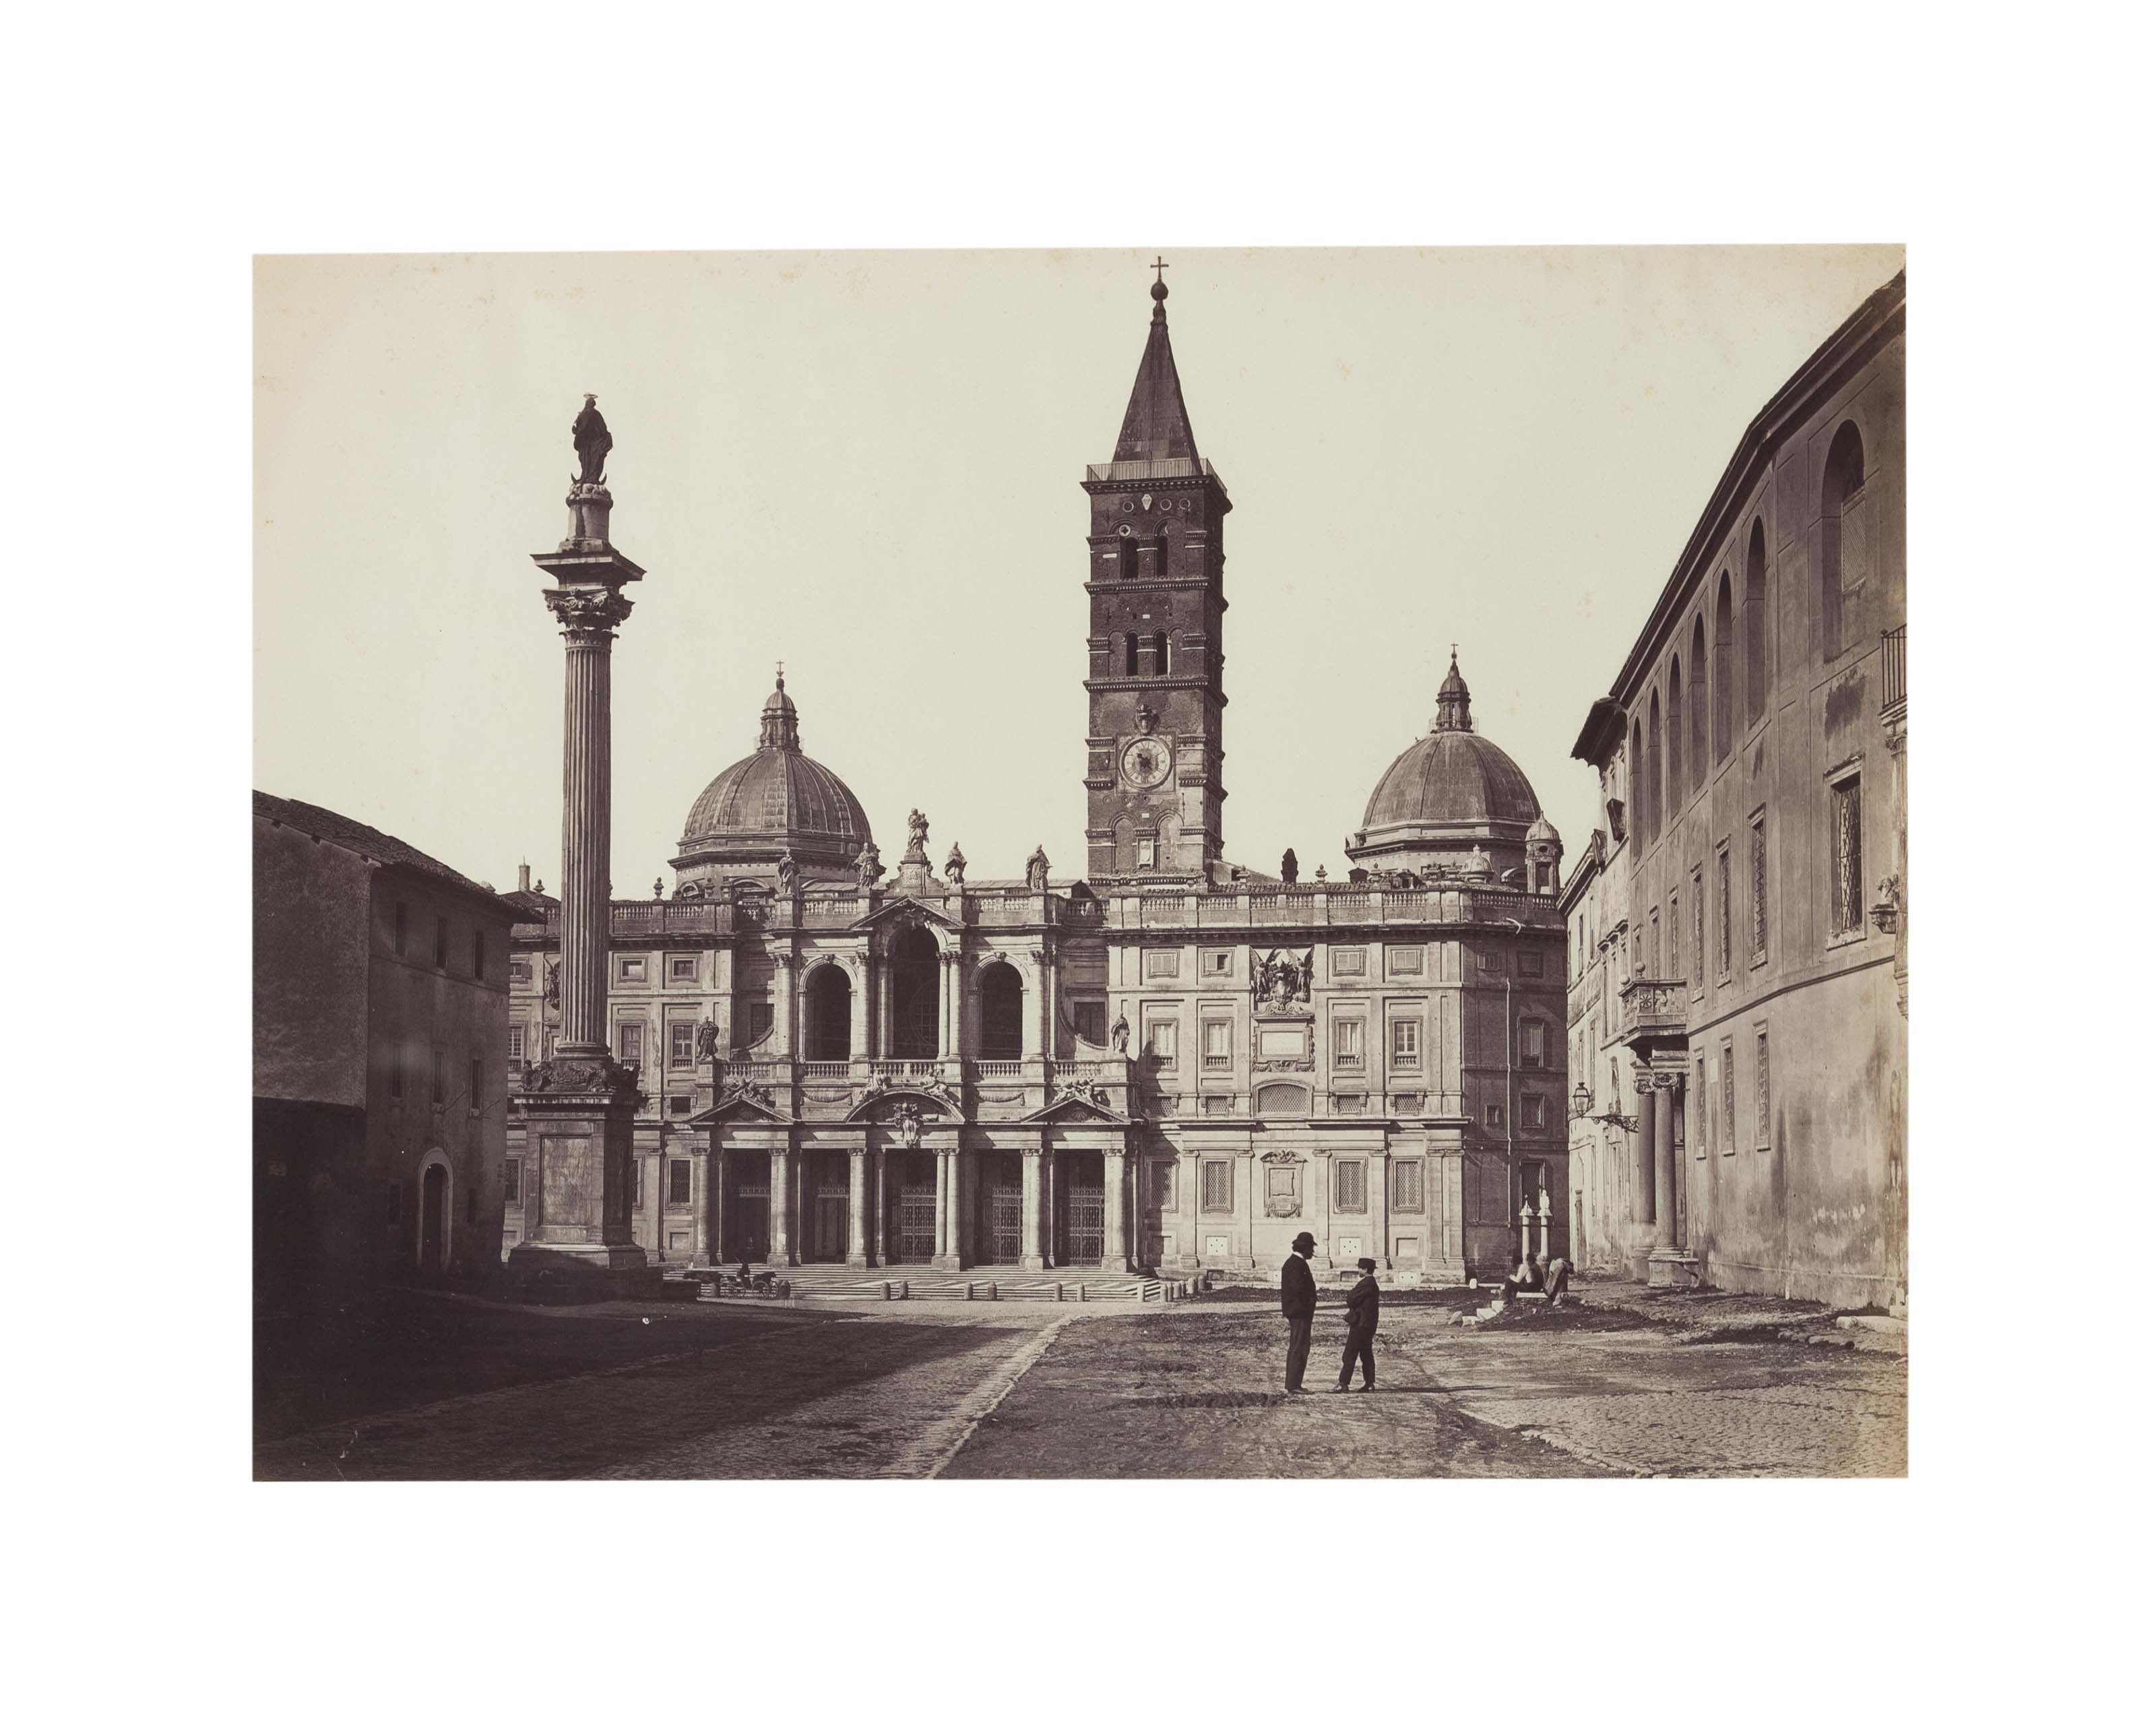 GIOACCHINO ALTOBELLI (1825-1878)